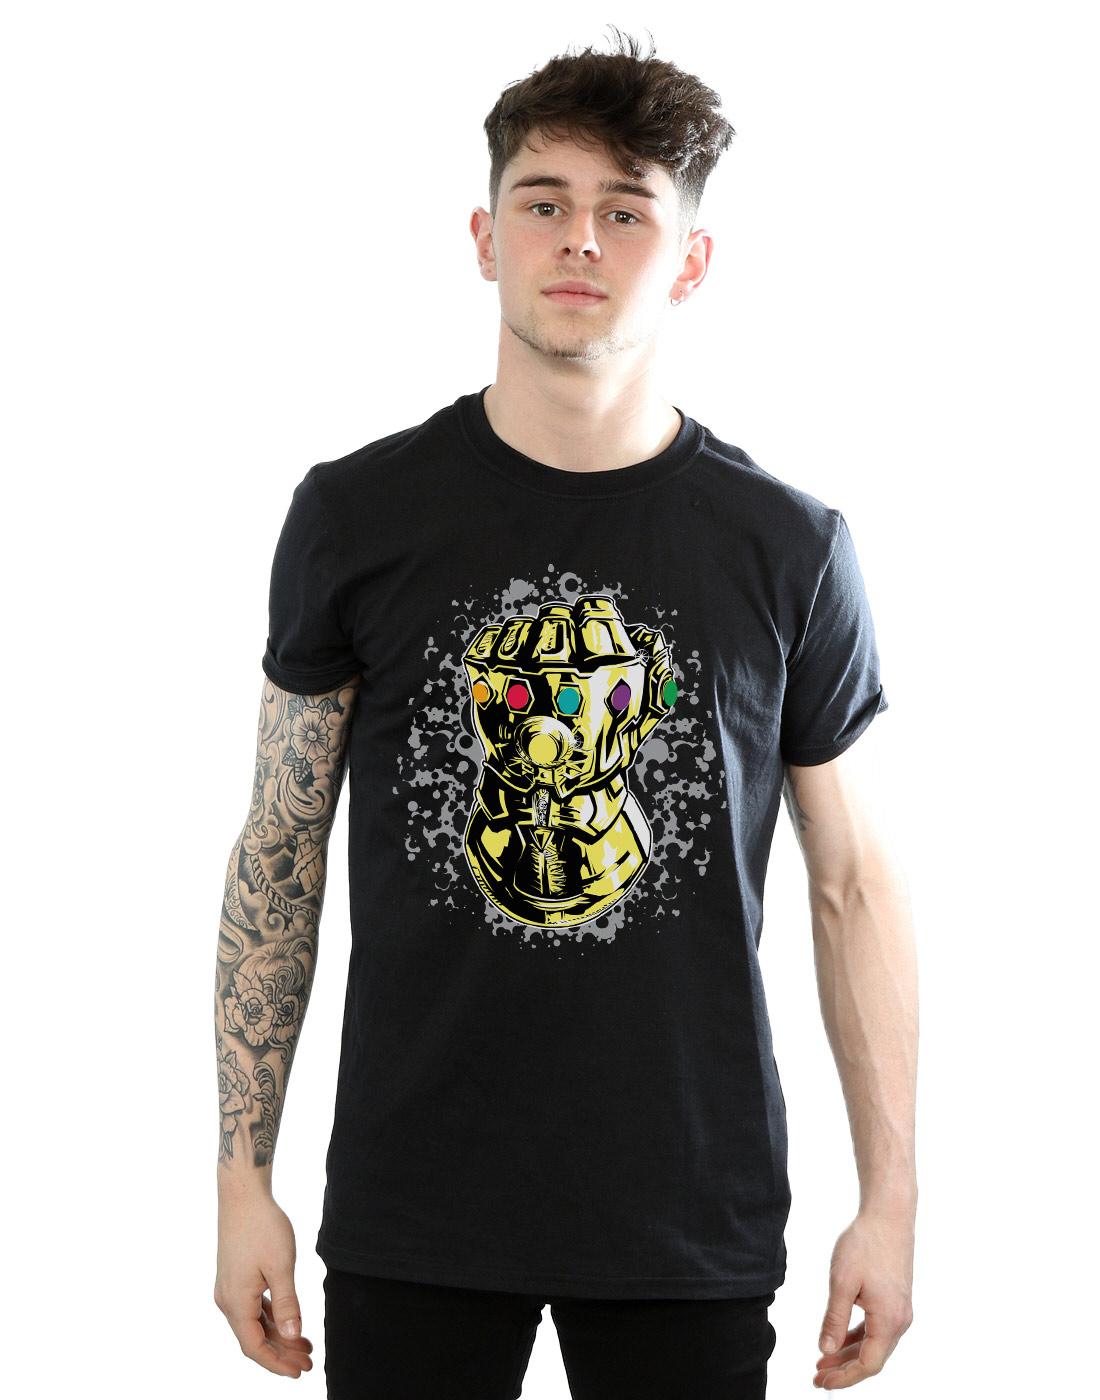 Avengers-Infinity-guerre-Tee-Shirt-Homme-officiel-nouveau-Marvel-Merchandise miniature 38